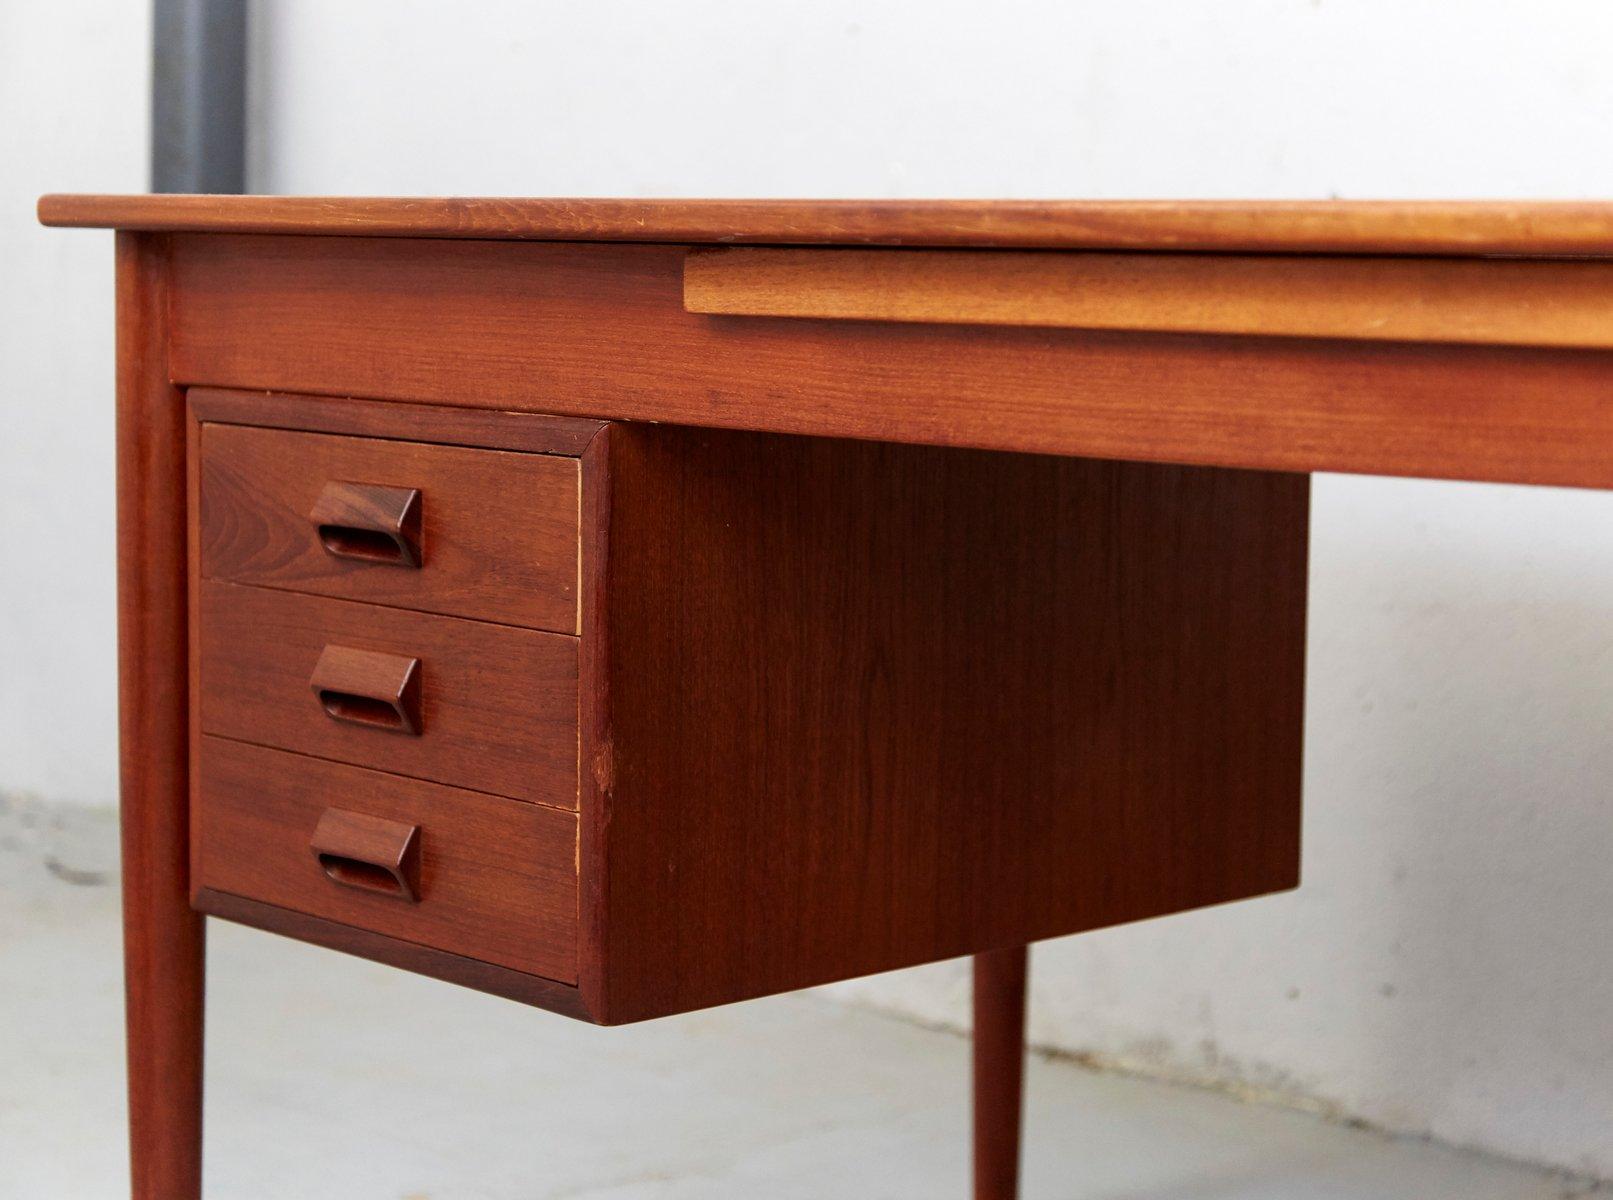 mid century teak schreibtisch von b rge mogensen f r s borg m belfabrik bei pamono kaufen. Black Bedroom Furniture Sets. Home Design Ideas